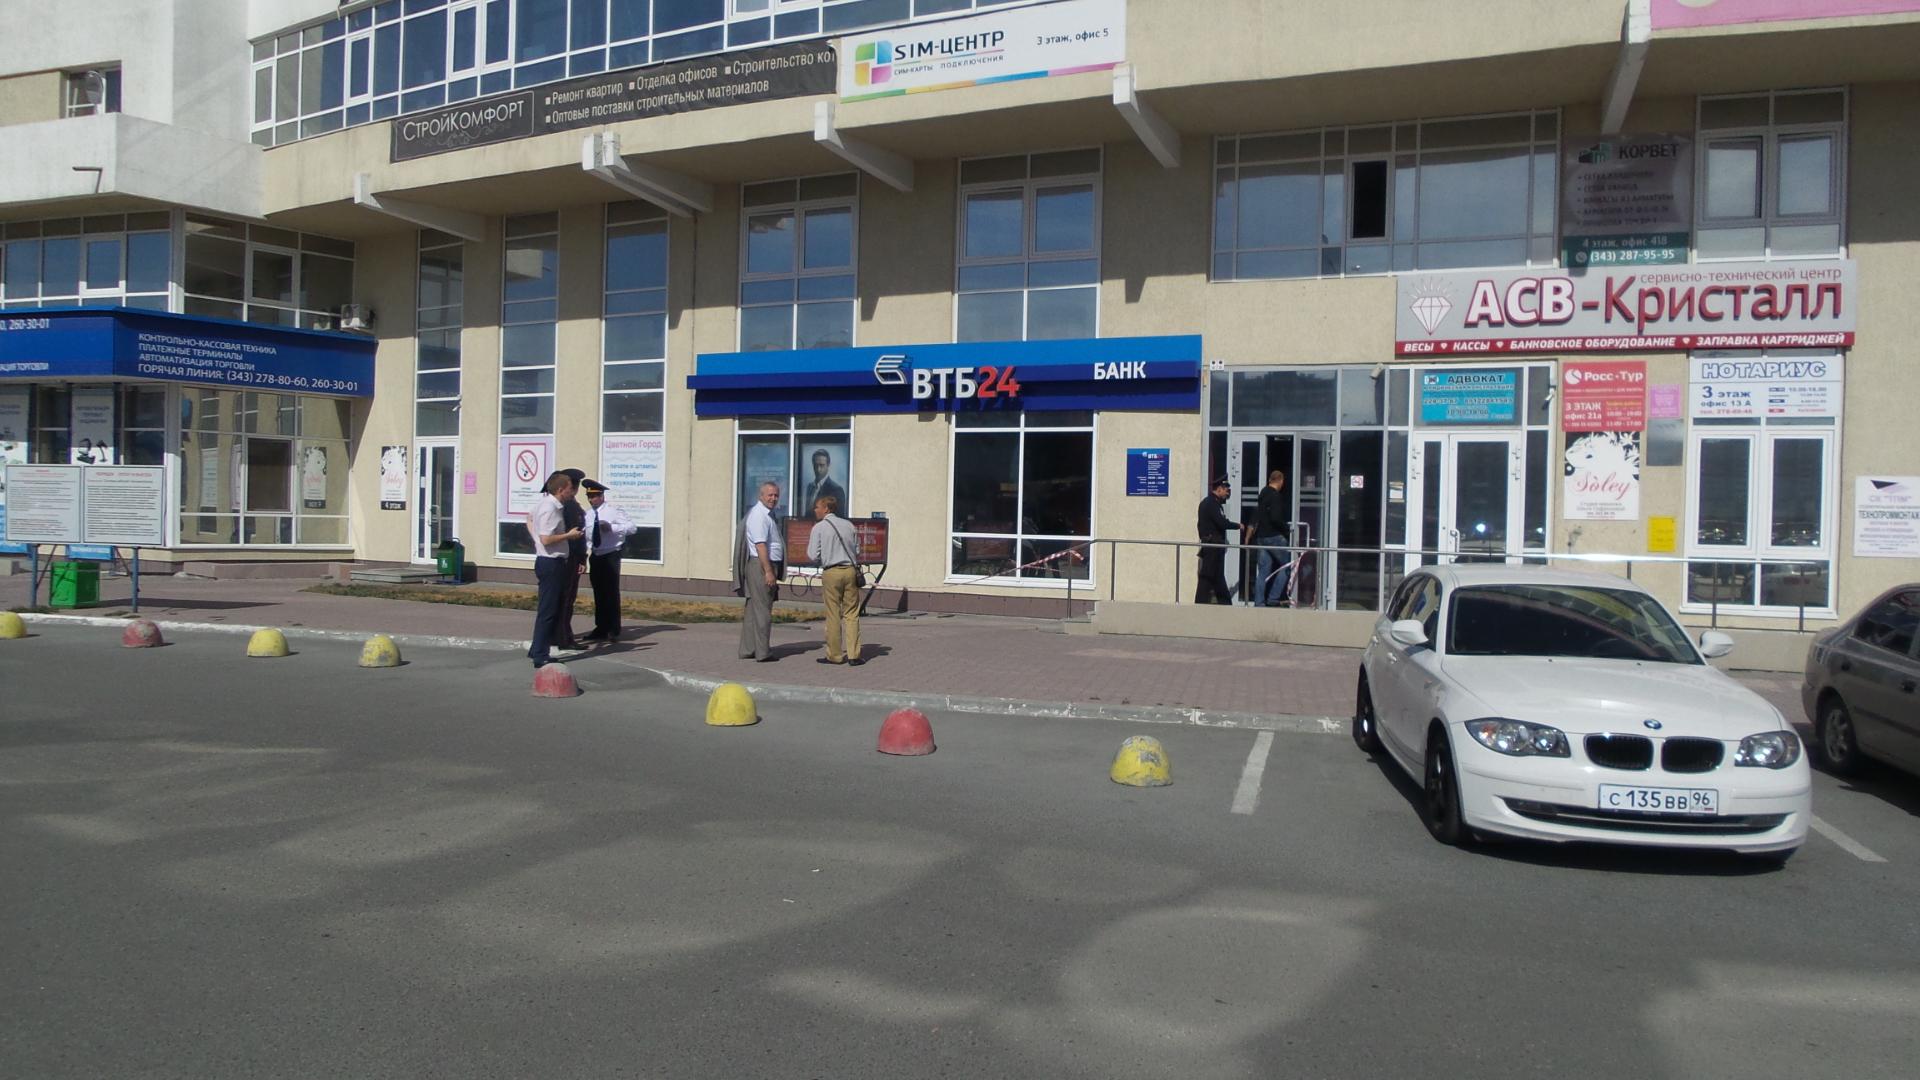 ВЕкатеринбурге трое неизвестных вмасках ограбили отделение Банка ВТБ